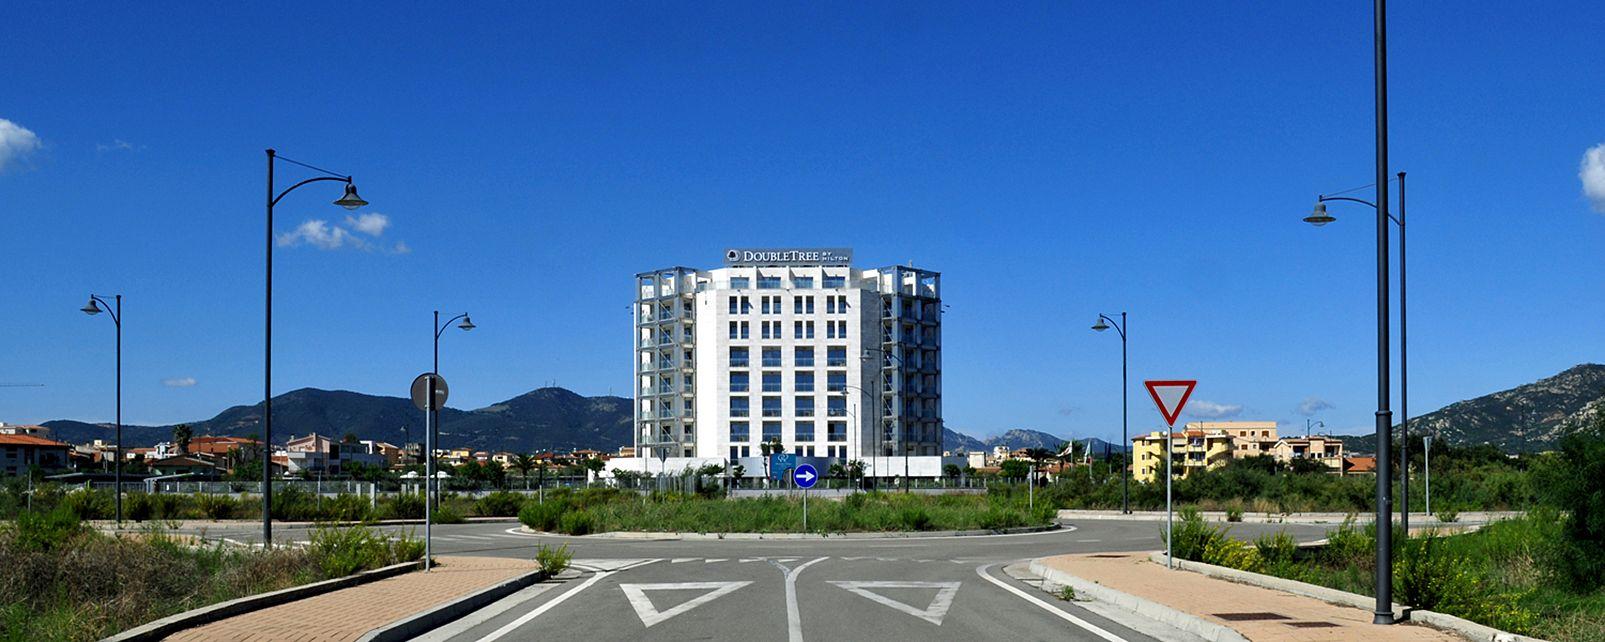 Hôtel Double Tree by Hilton Olbia